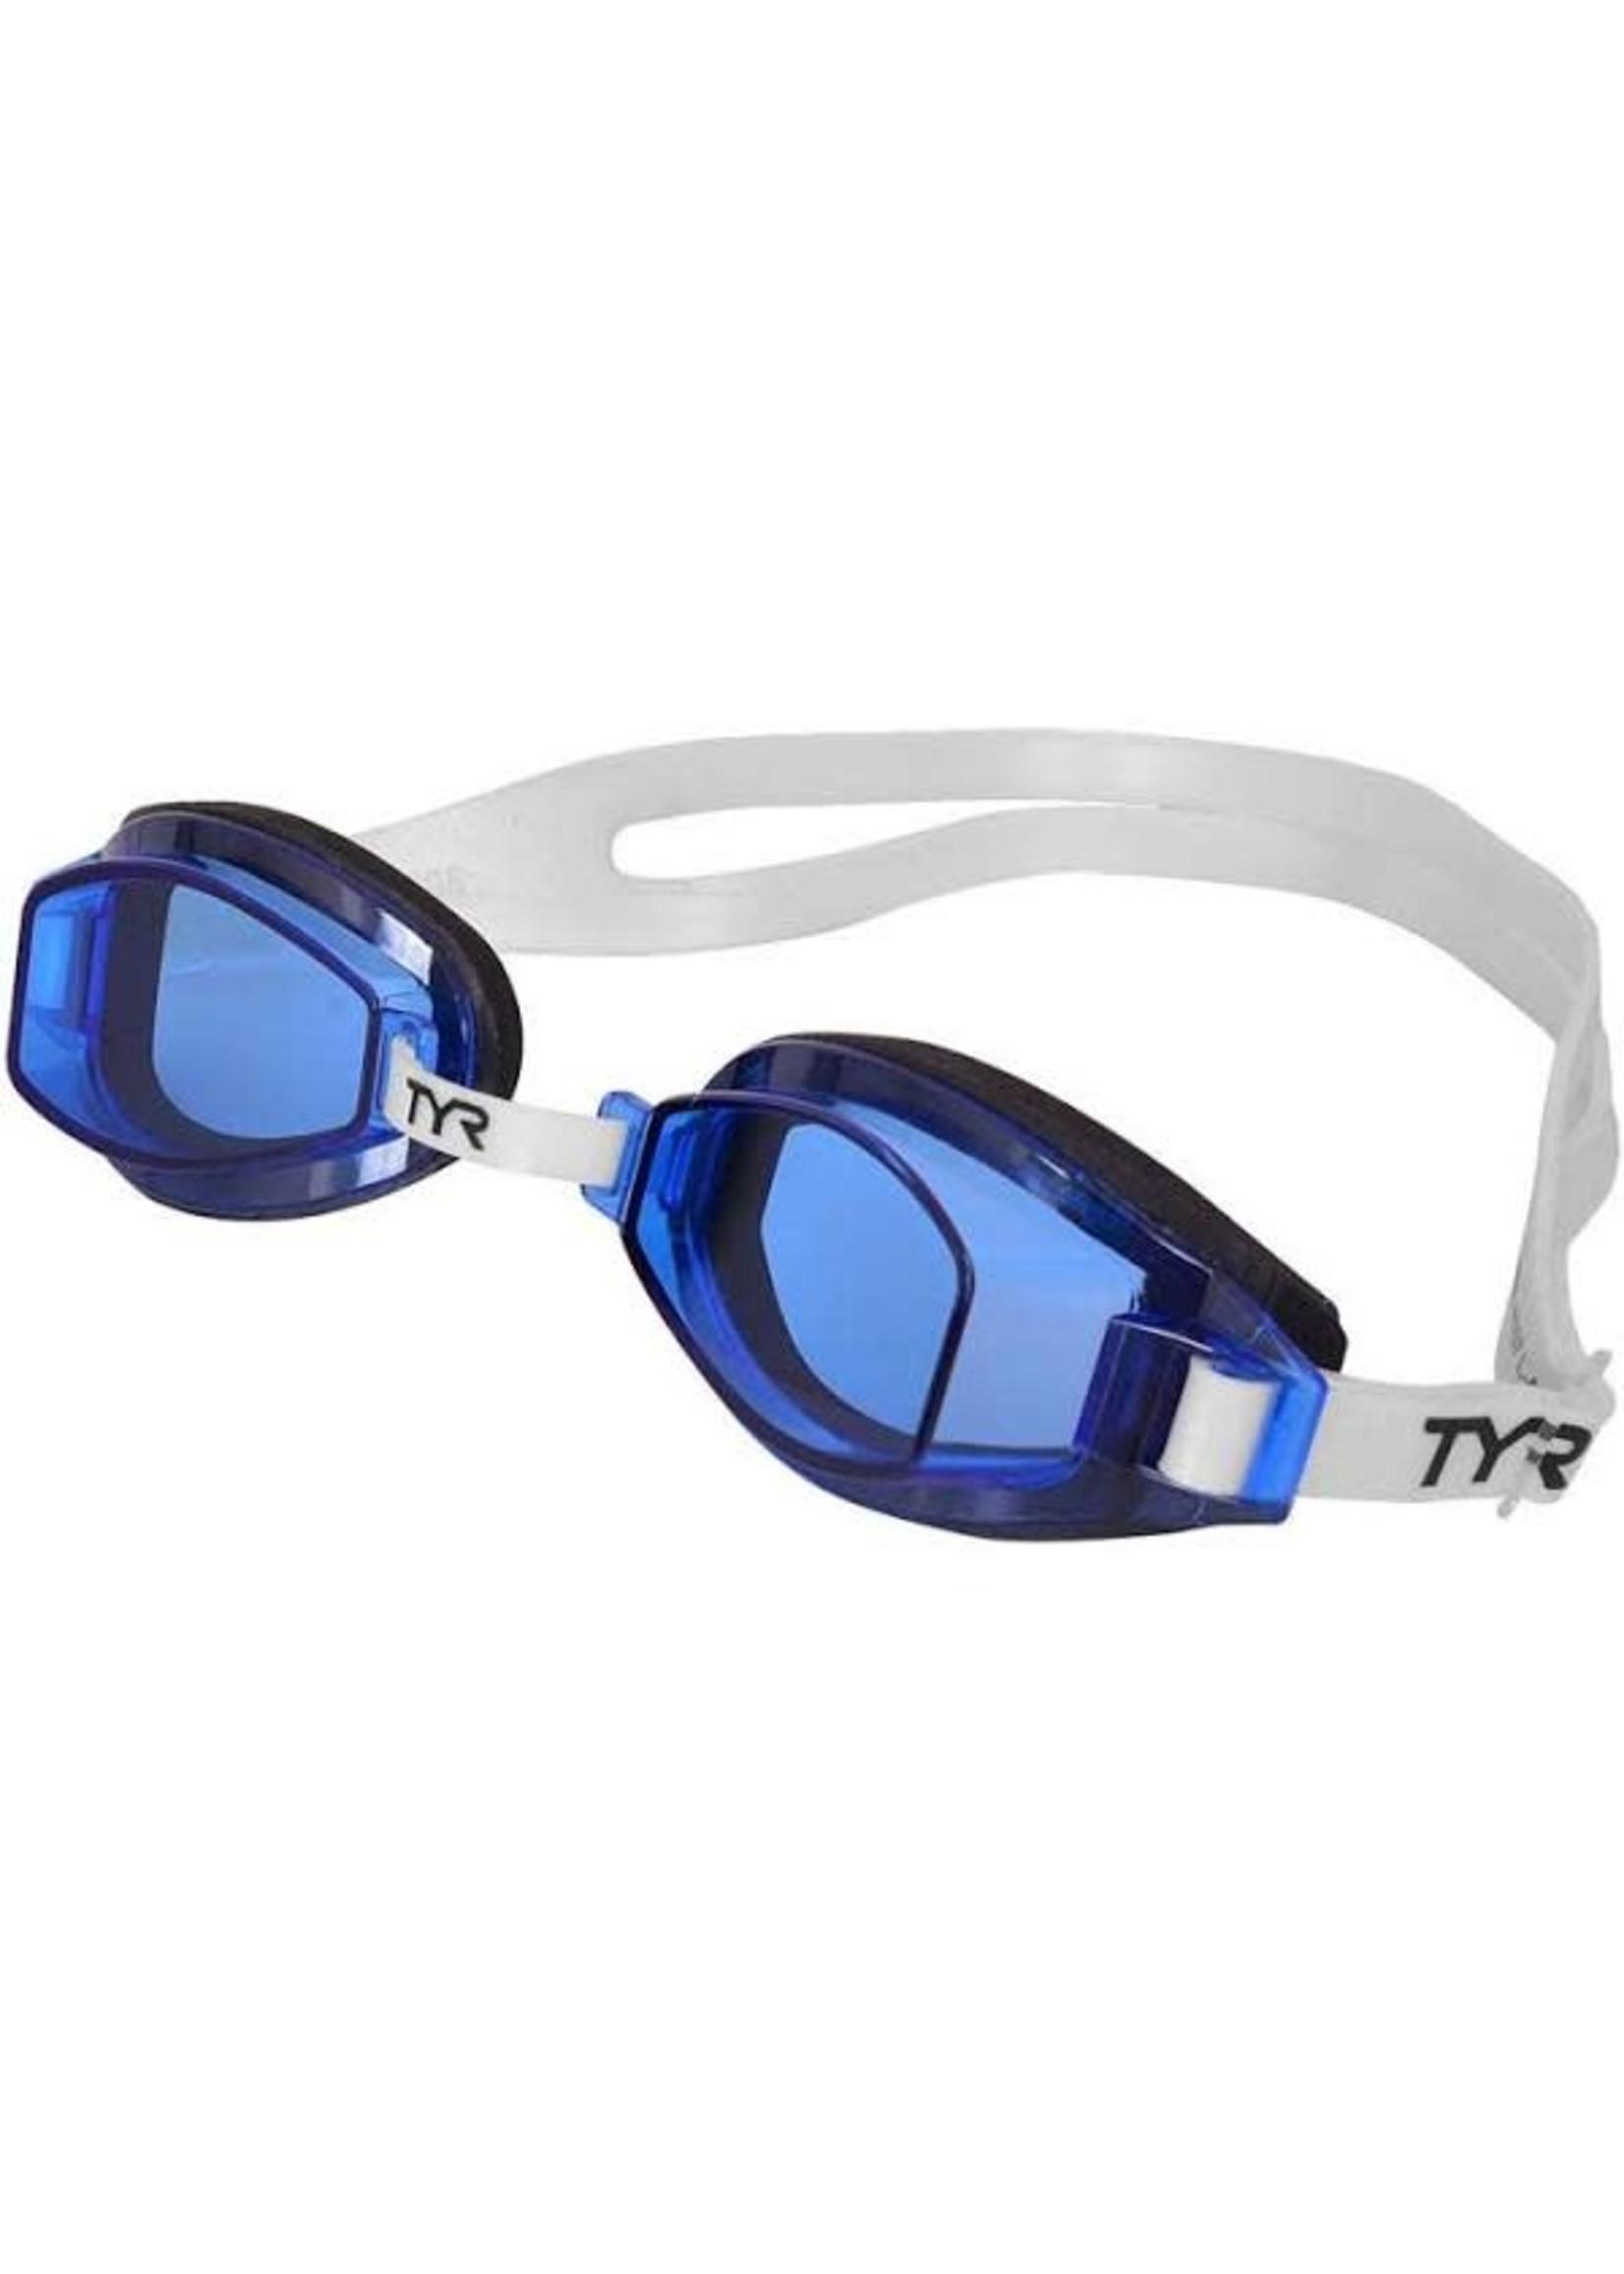 TYR TYR Team Sprint Swim Goggle (2021)